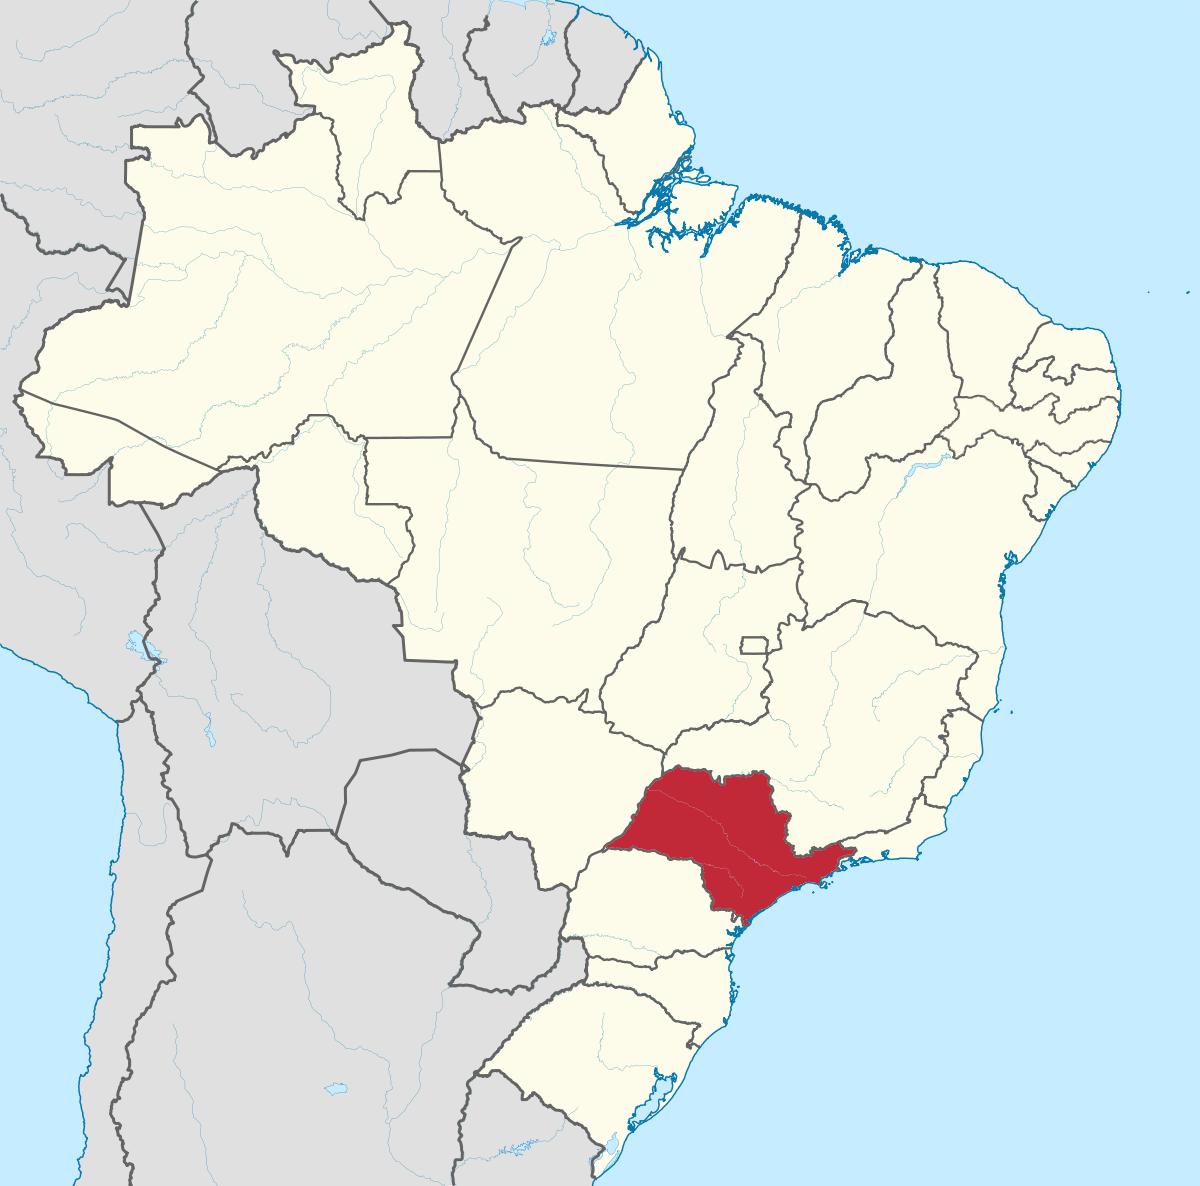 BrazilSaoPaulo.png